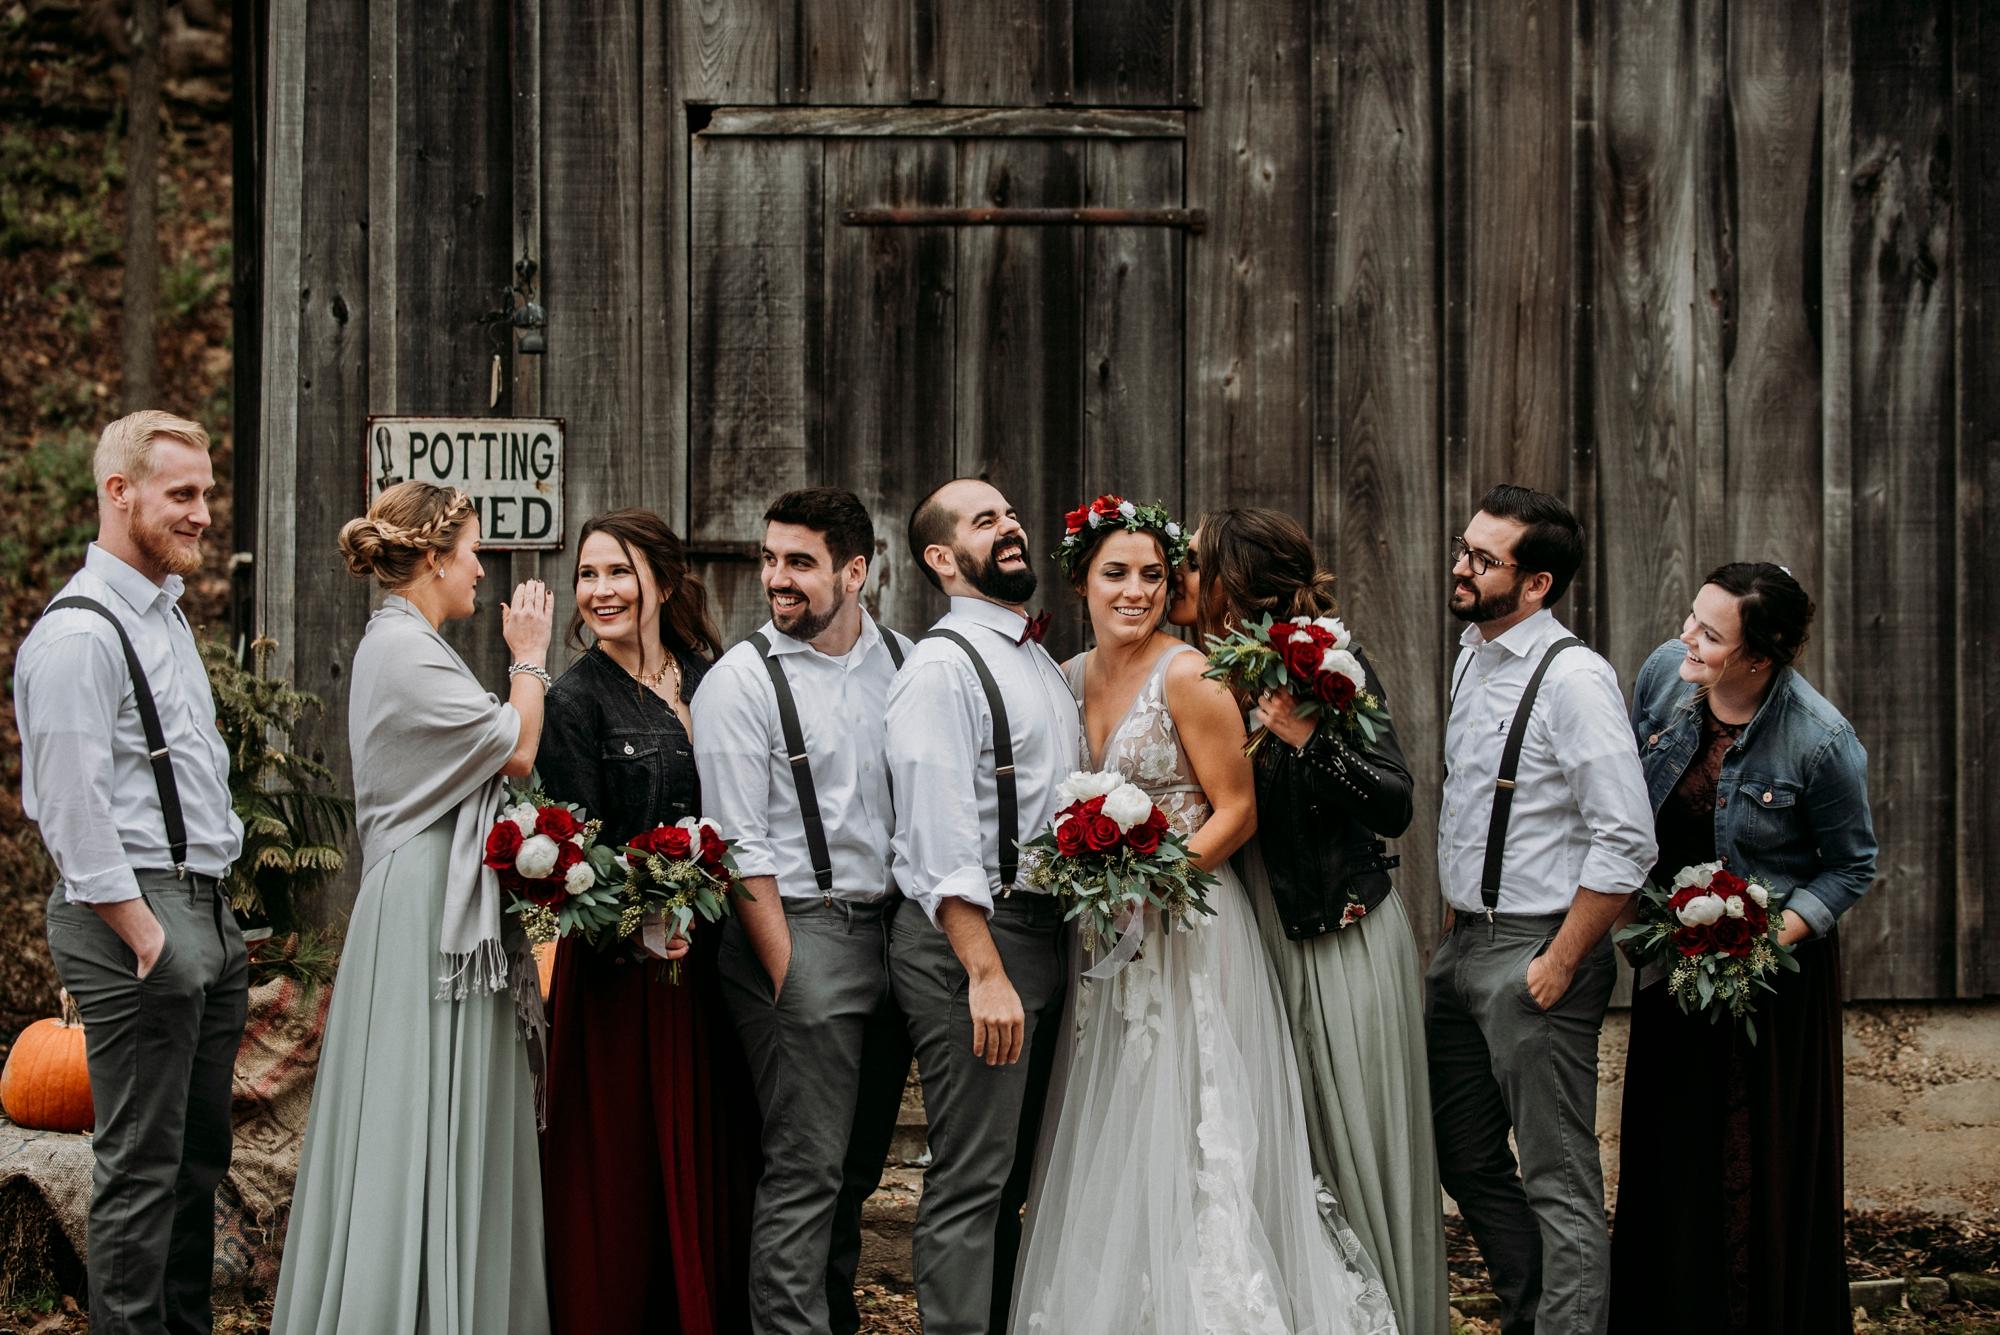 ethical-destination-wedding-stlouis_0030.jpg